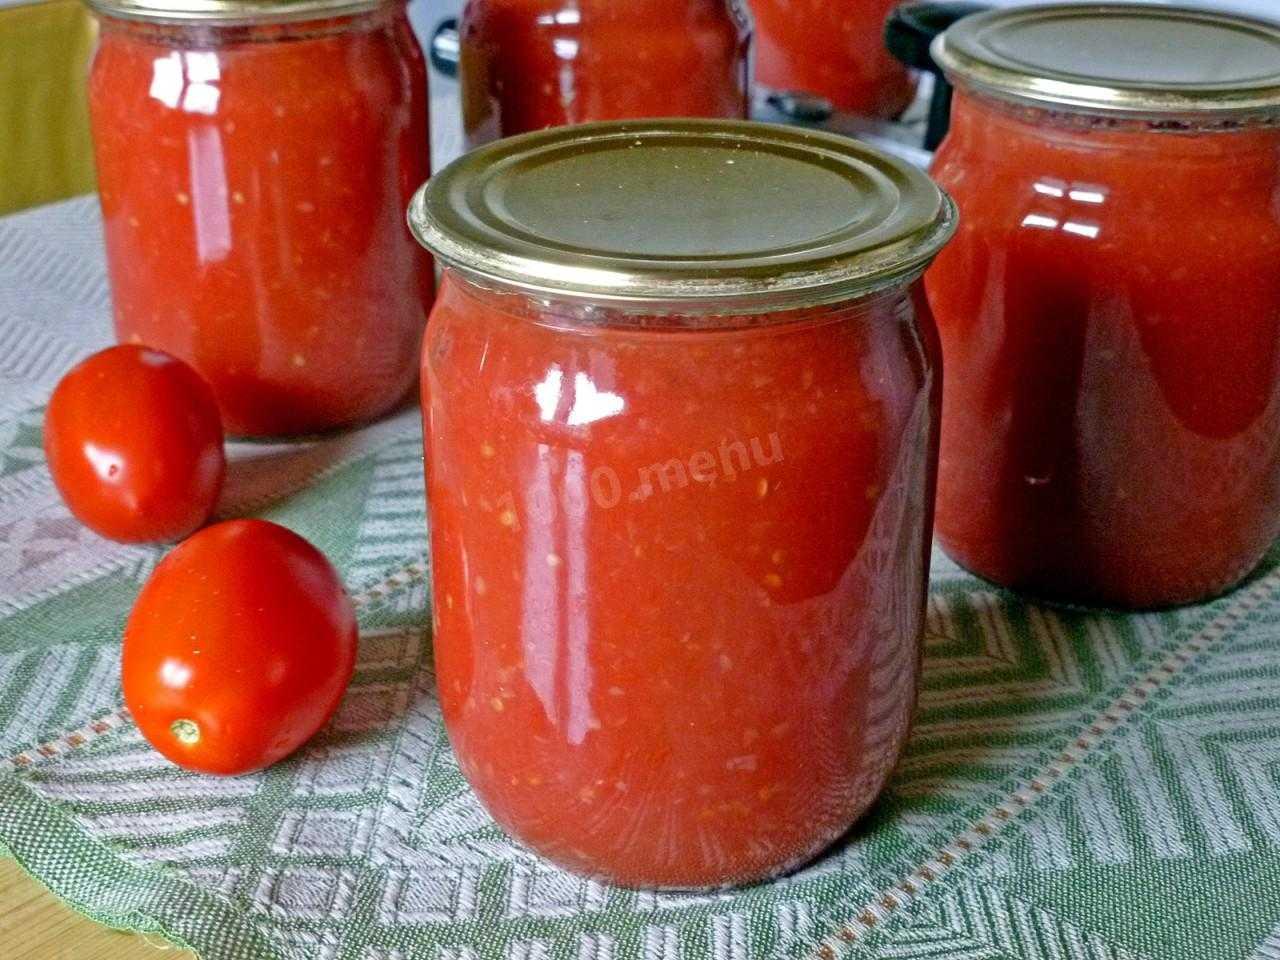 Как сделать томатный сок из помидоров в домашних условиях: рецепт + фото. Как выбрать помидоры для сока, закрытие томатного сока на зиму.